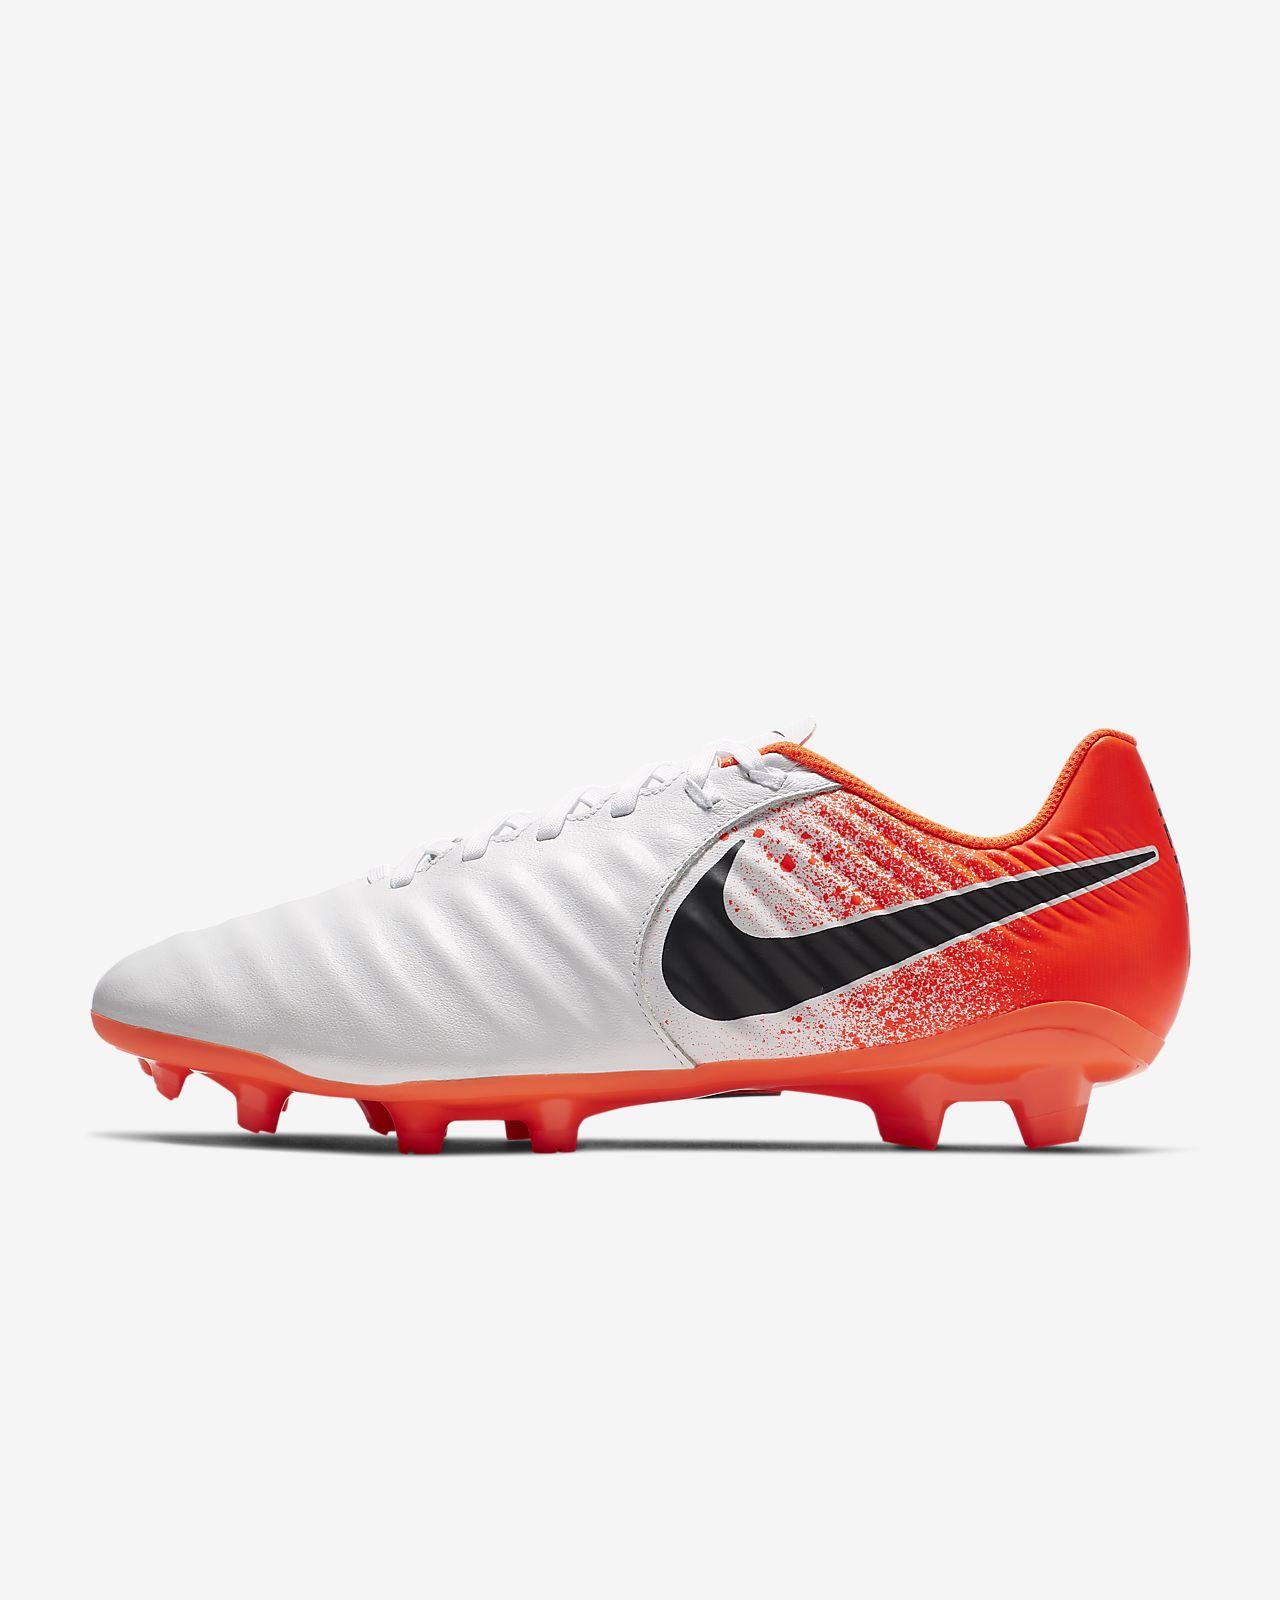 Terrain Tiempo À Academy Sec Football Pour Nike De Legend Vii Crampons Chaussure dCoeBrx